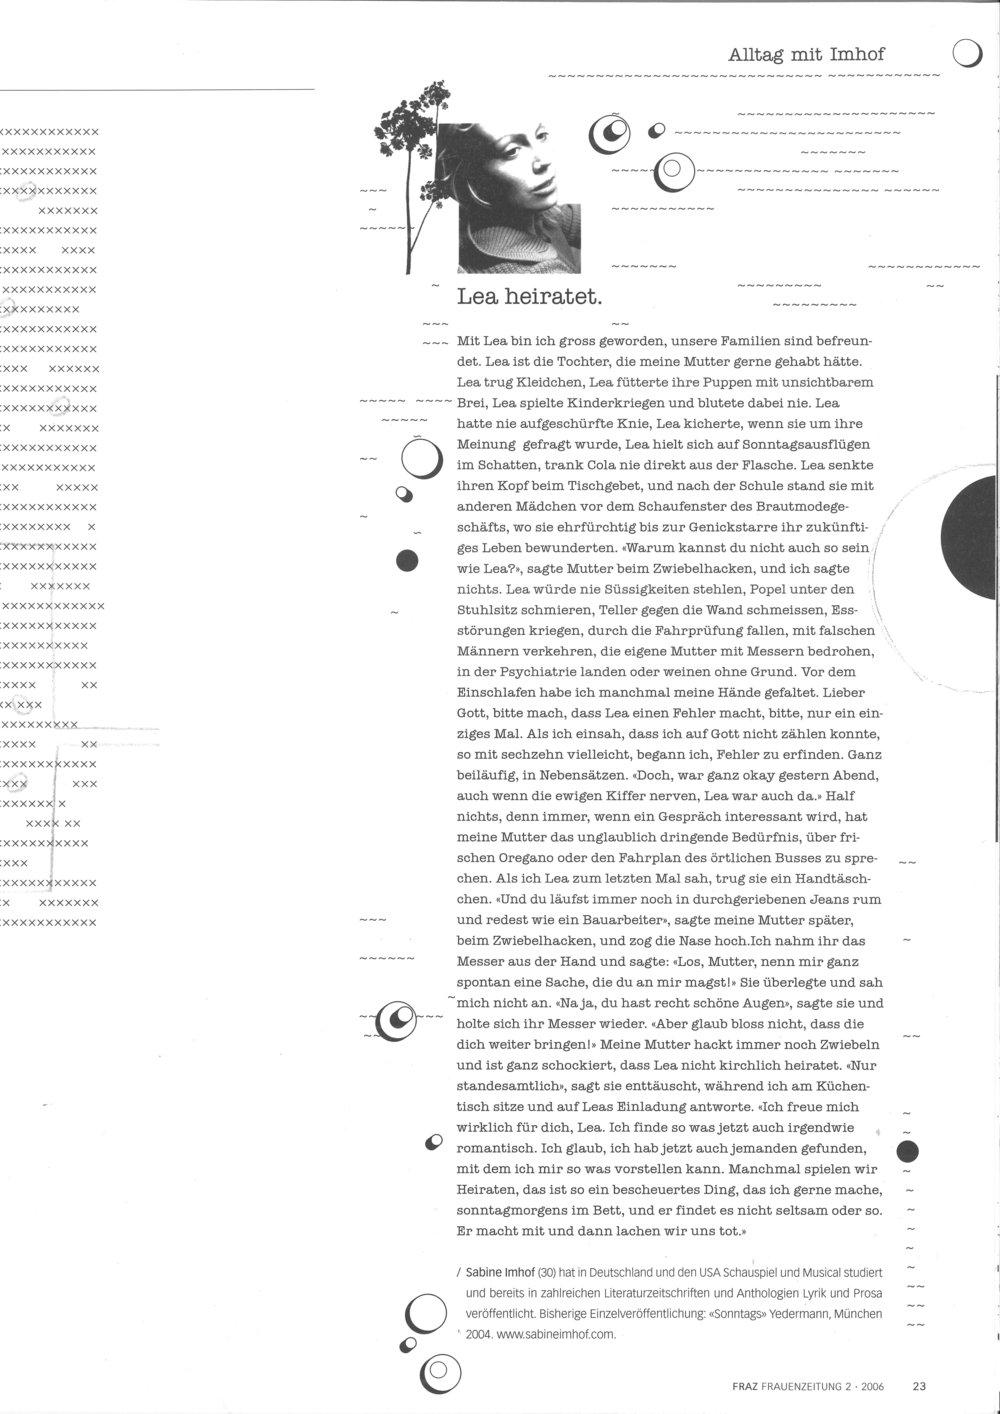 Frauenzeitschrift_1:1_mini.jpg